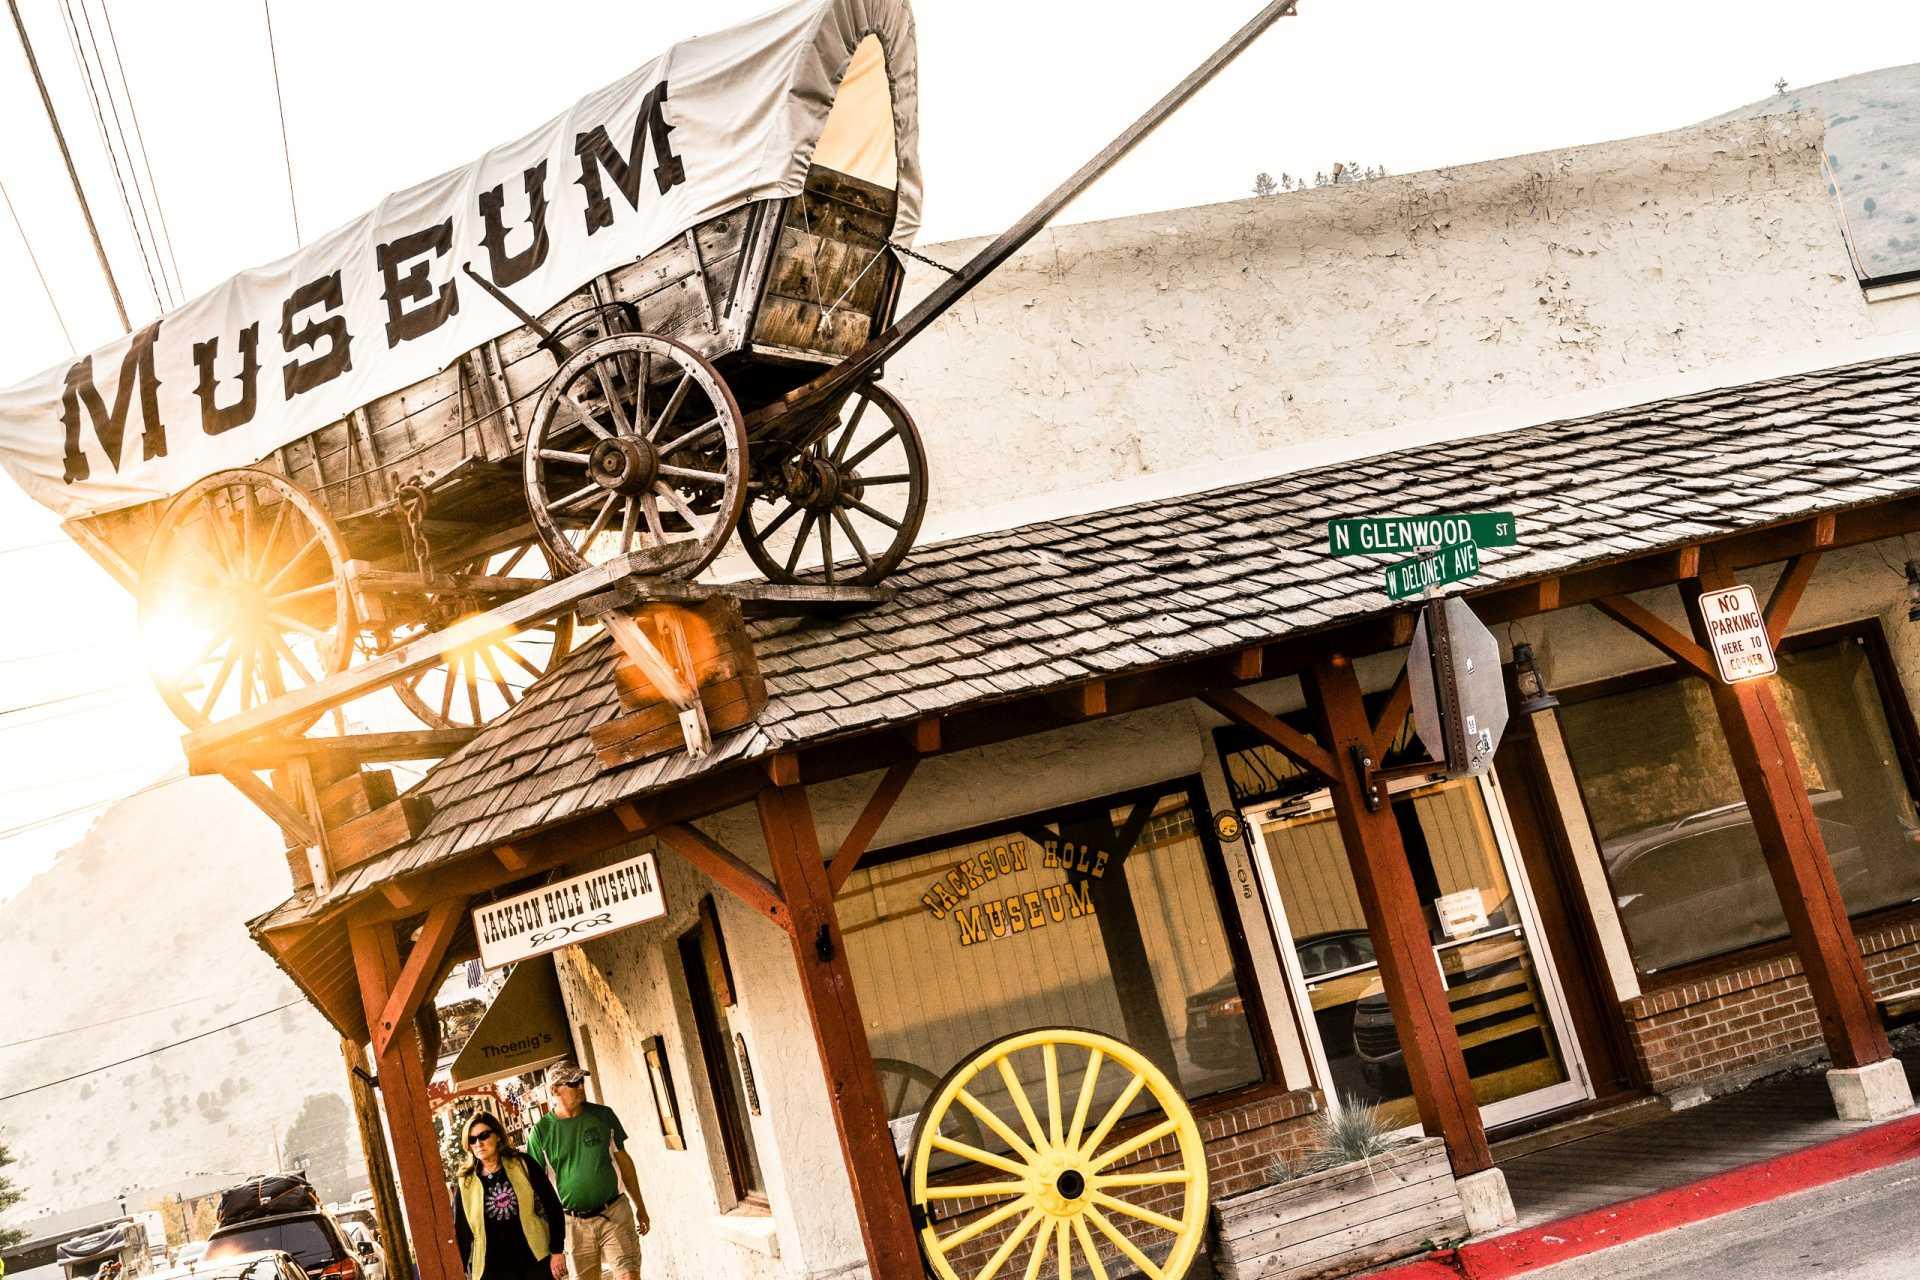 USA Jackson Wild west